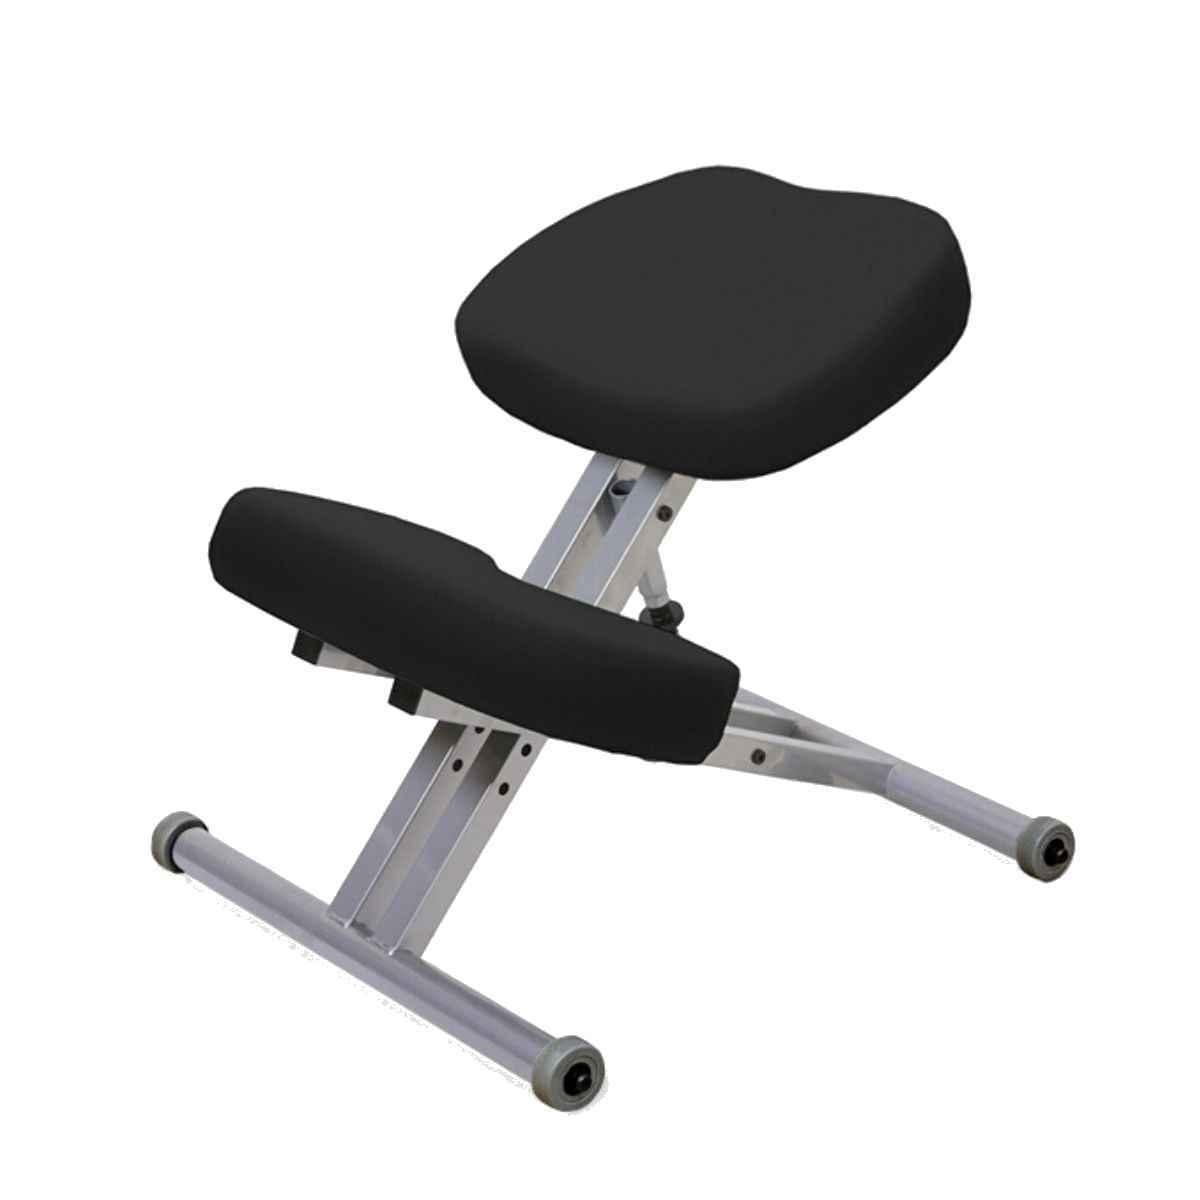 Стул коленный Smartstool KM01 без газлифта черный